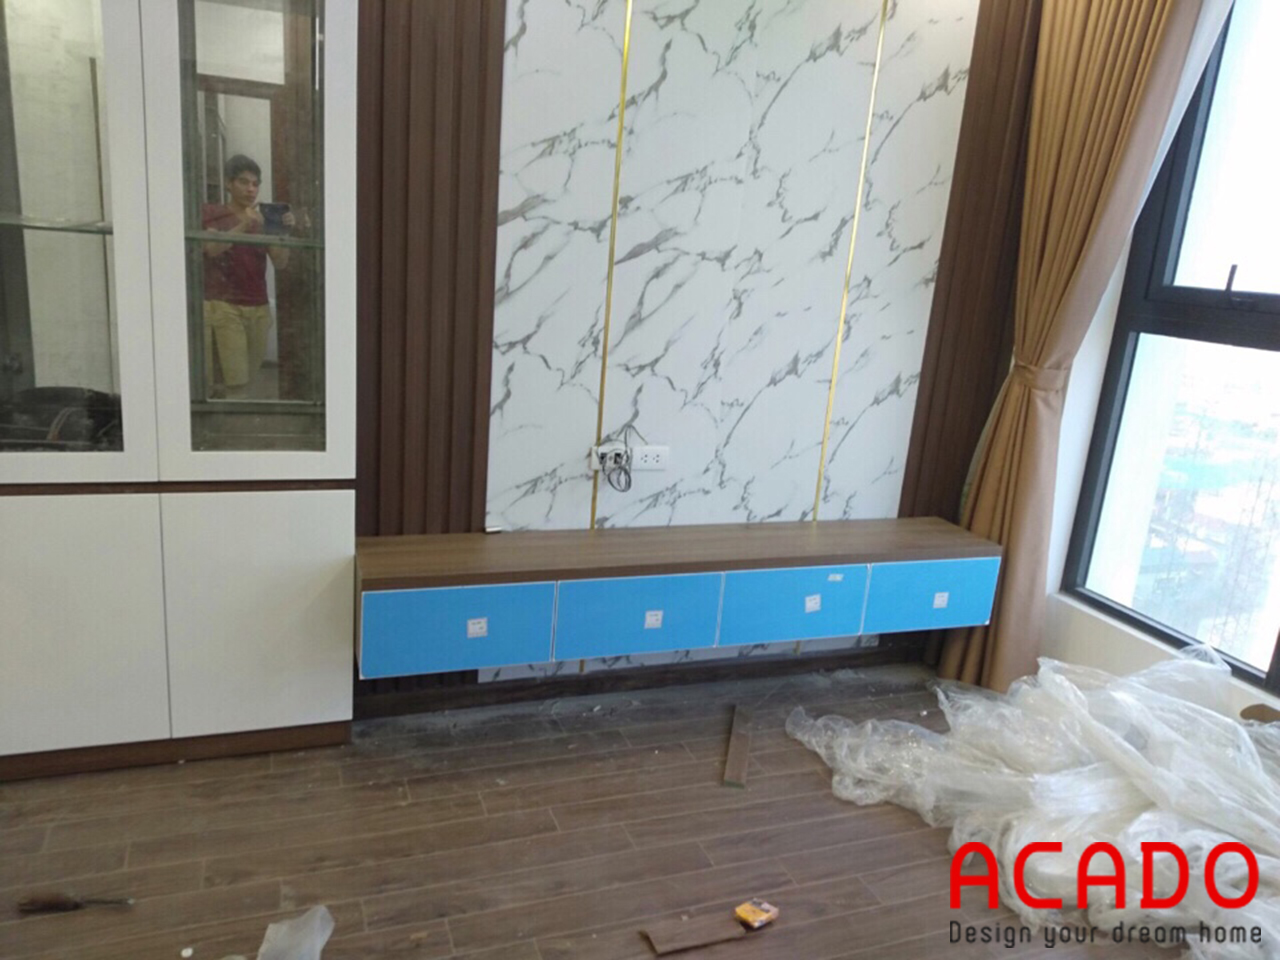 Kệ tivi treo và vách kẻ chỉ đồng trang trí - thi công nội thất tại Quang Trung